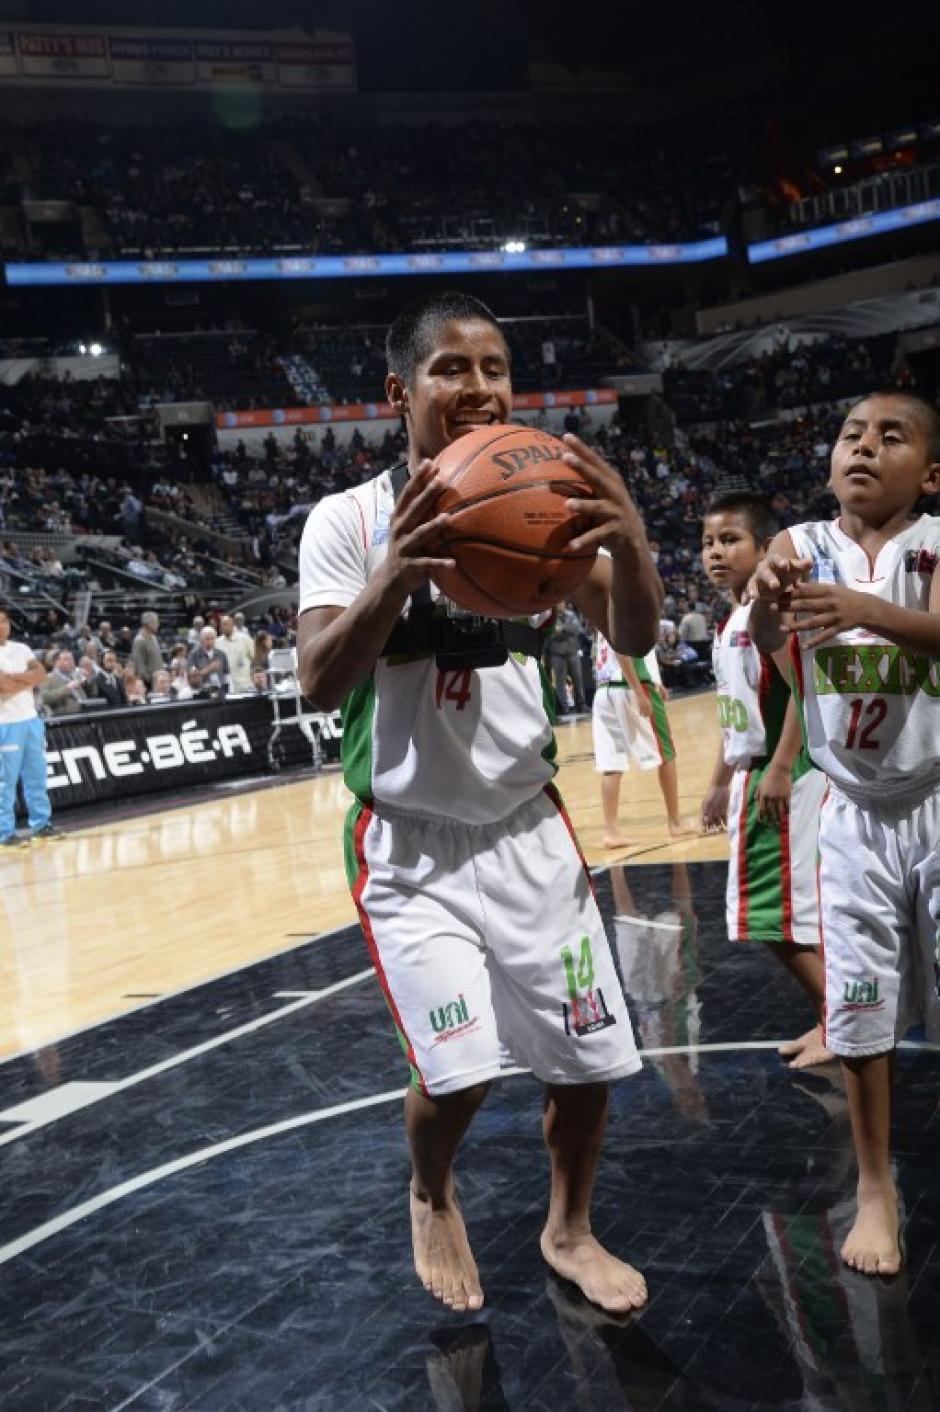 """Esta fue la segunda ocasión que los """"Triquis"""" fueron invitados por los Spurs, en la primera cita pudieron jugar junto a las estrellas como Duncan y Ginobili, quienes también se quitaron los zapatos"""